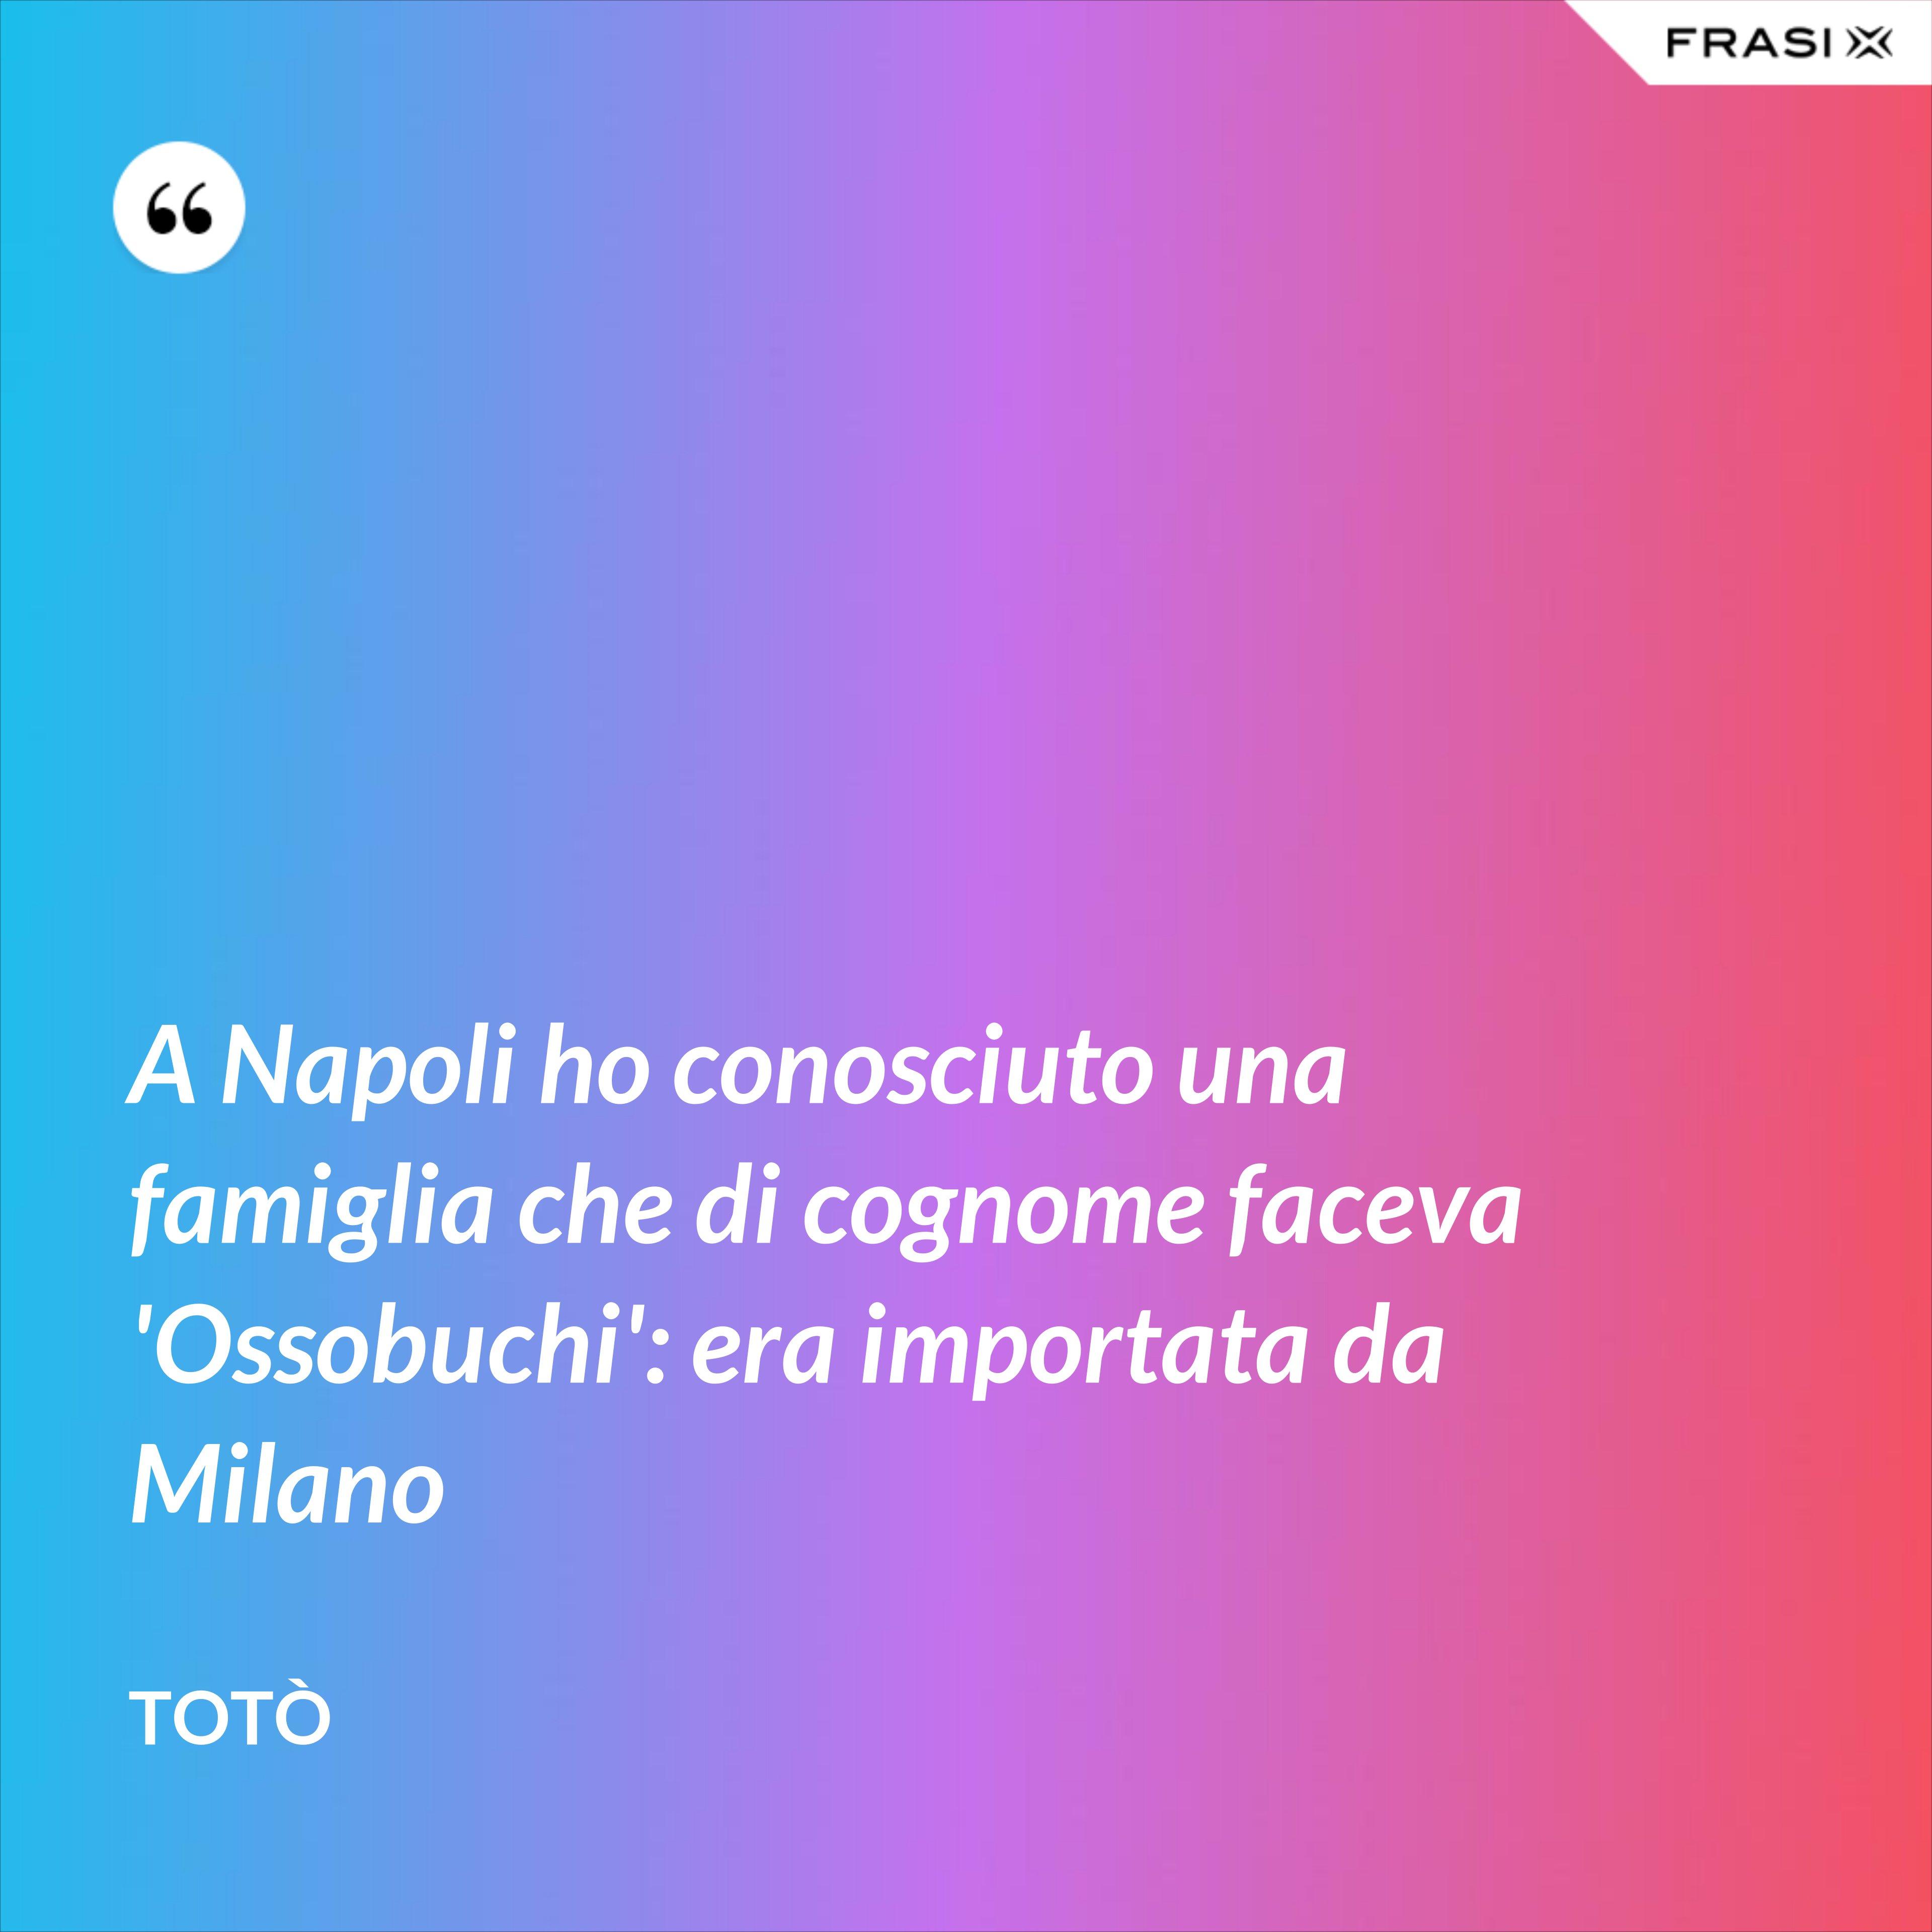 A Napoli ho conosciuto una famiglia che di cognome faceva 'Ossobuchi': era importata da Milano - Totò